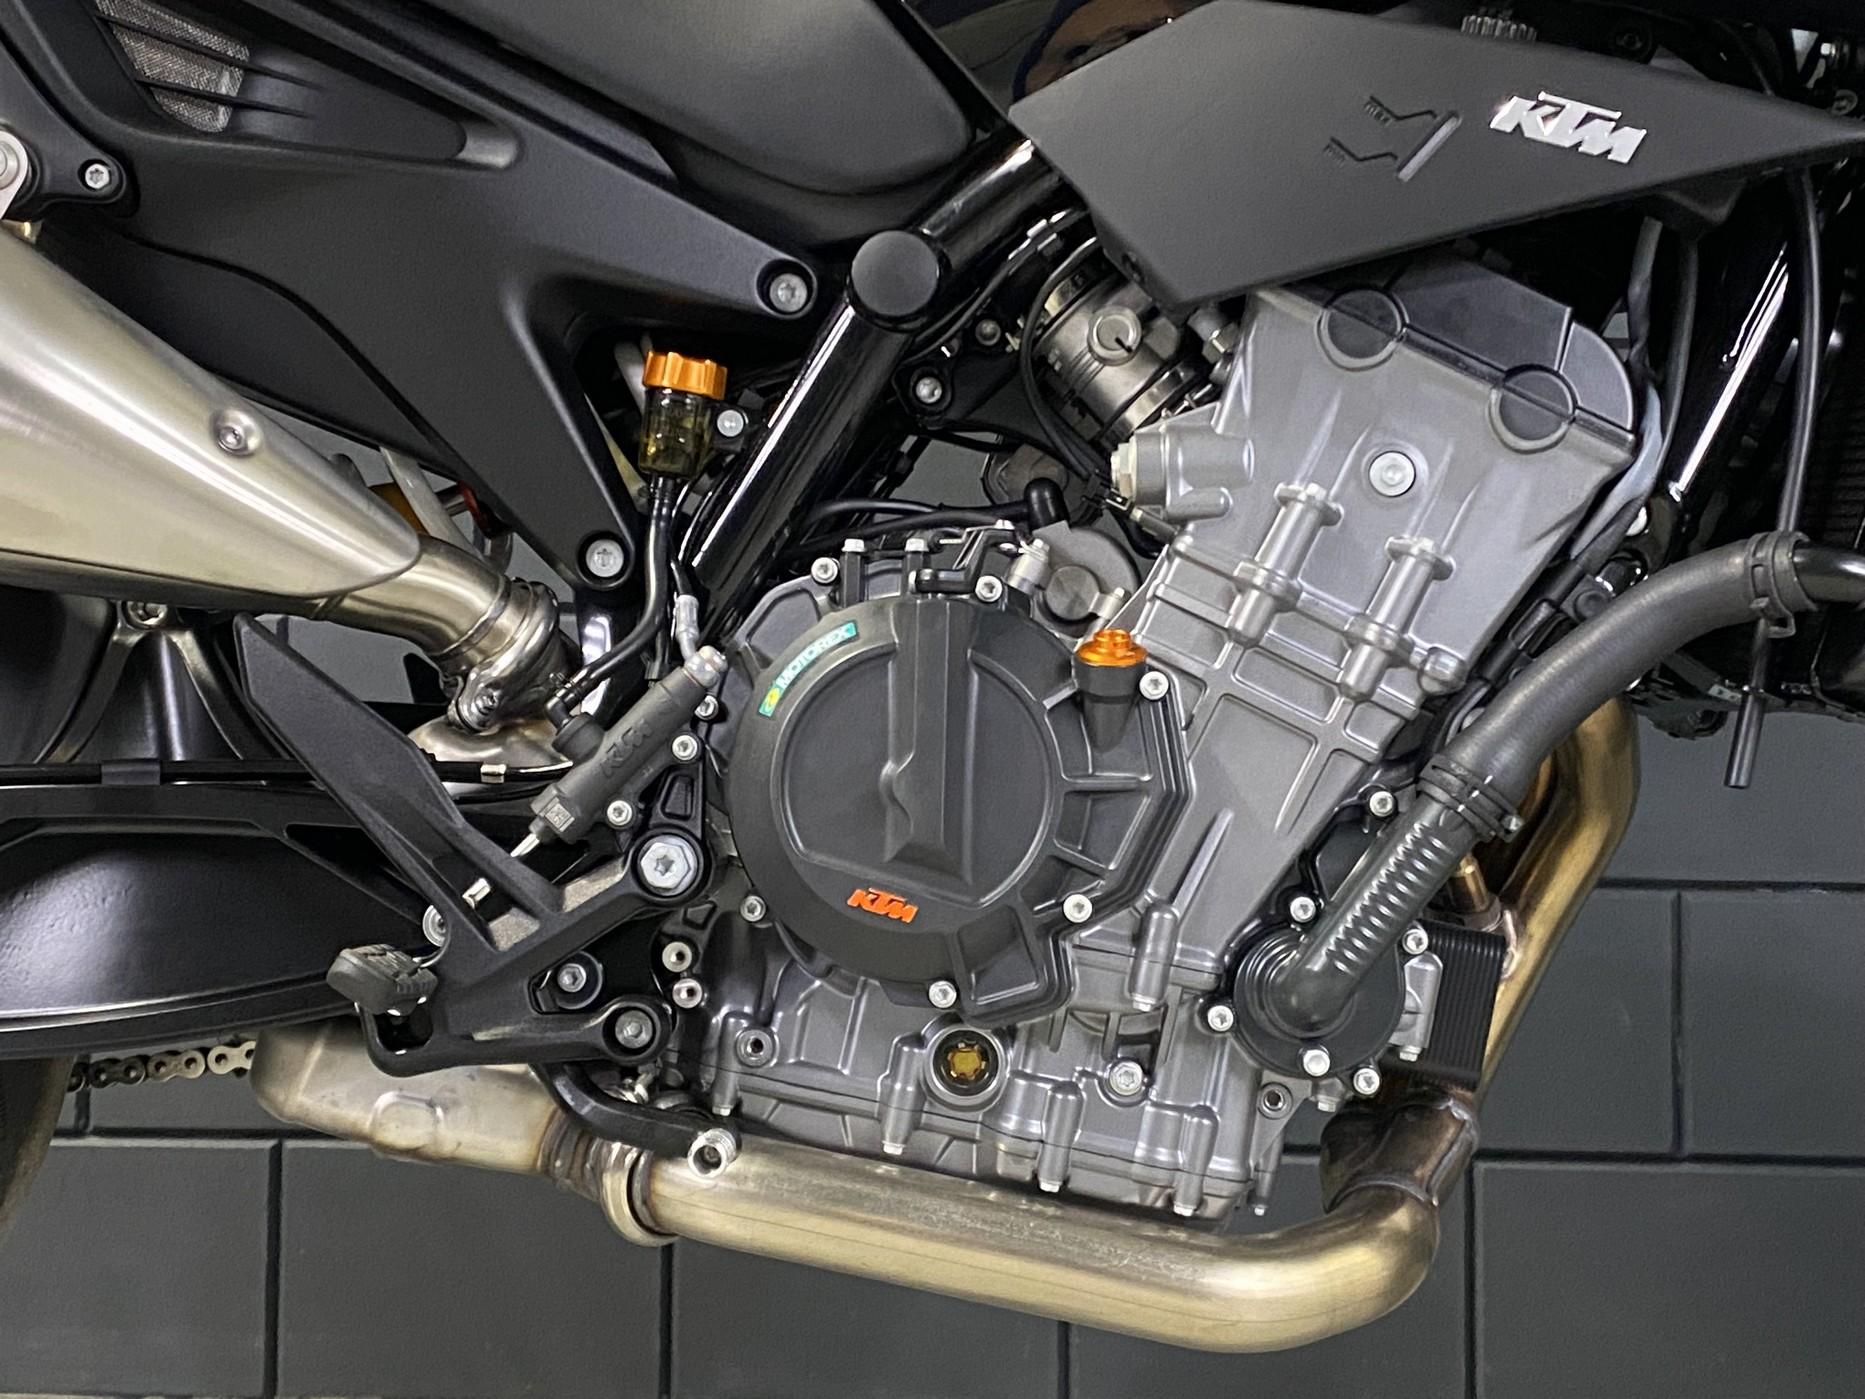 KTM - 890 DUKE ABS